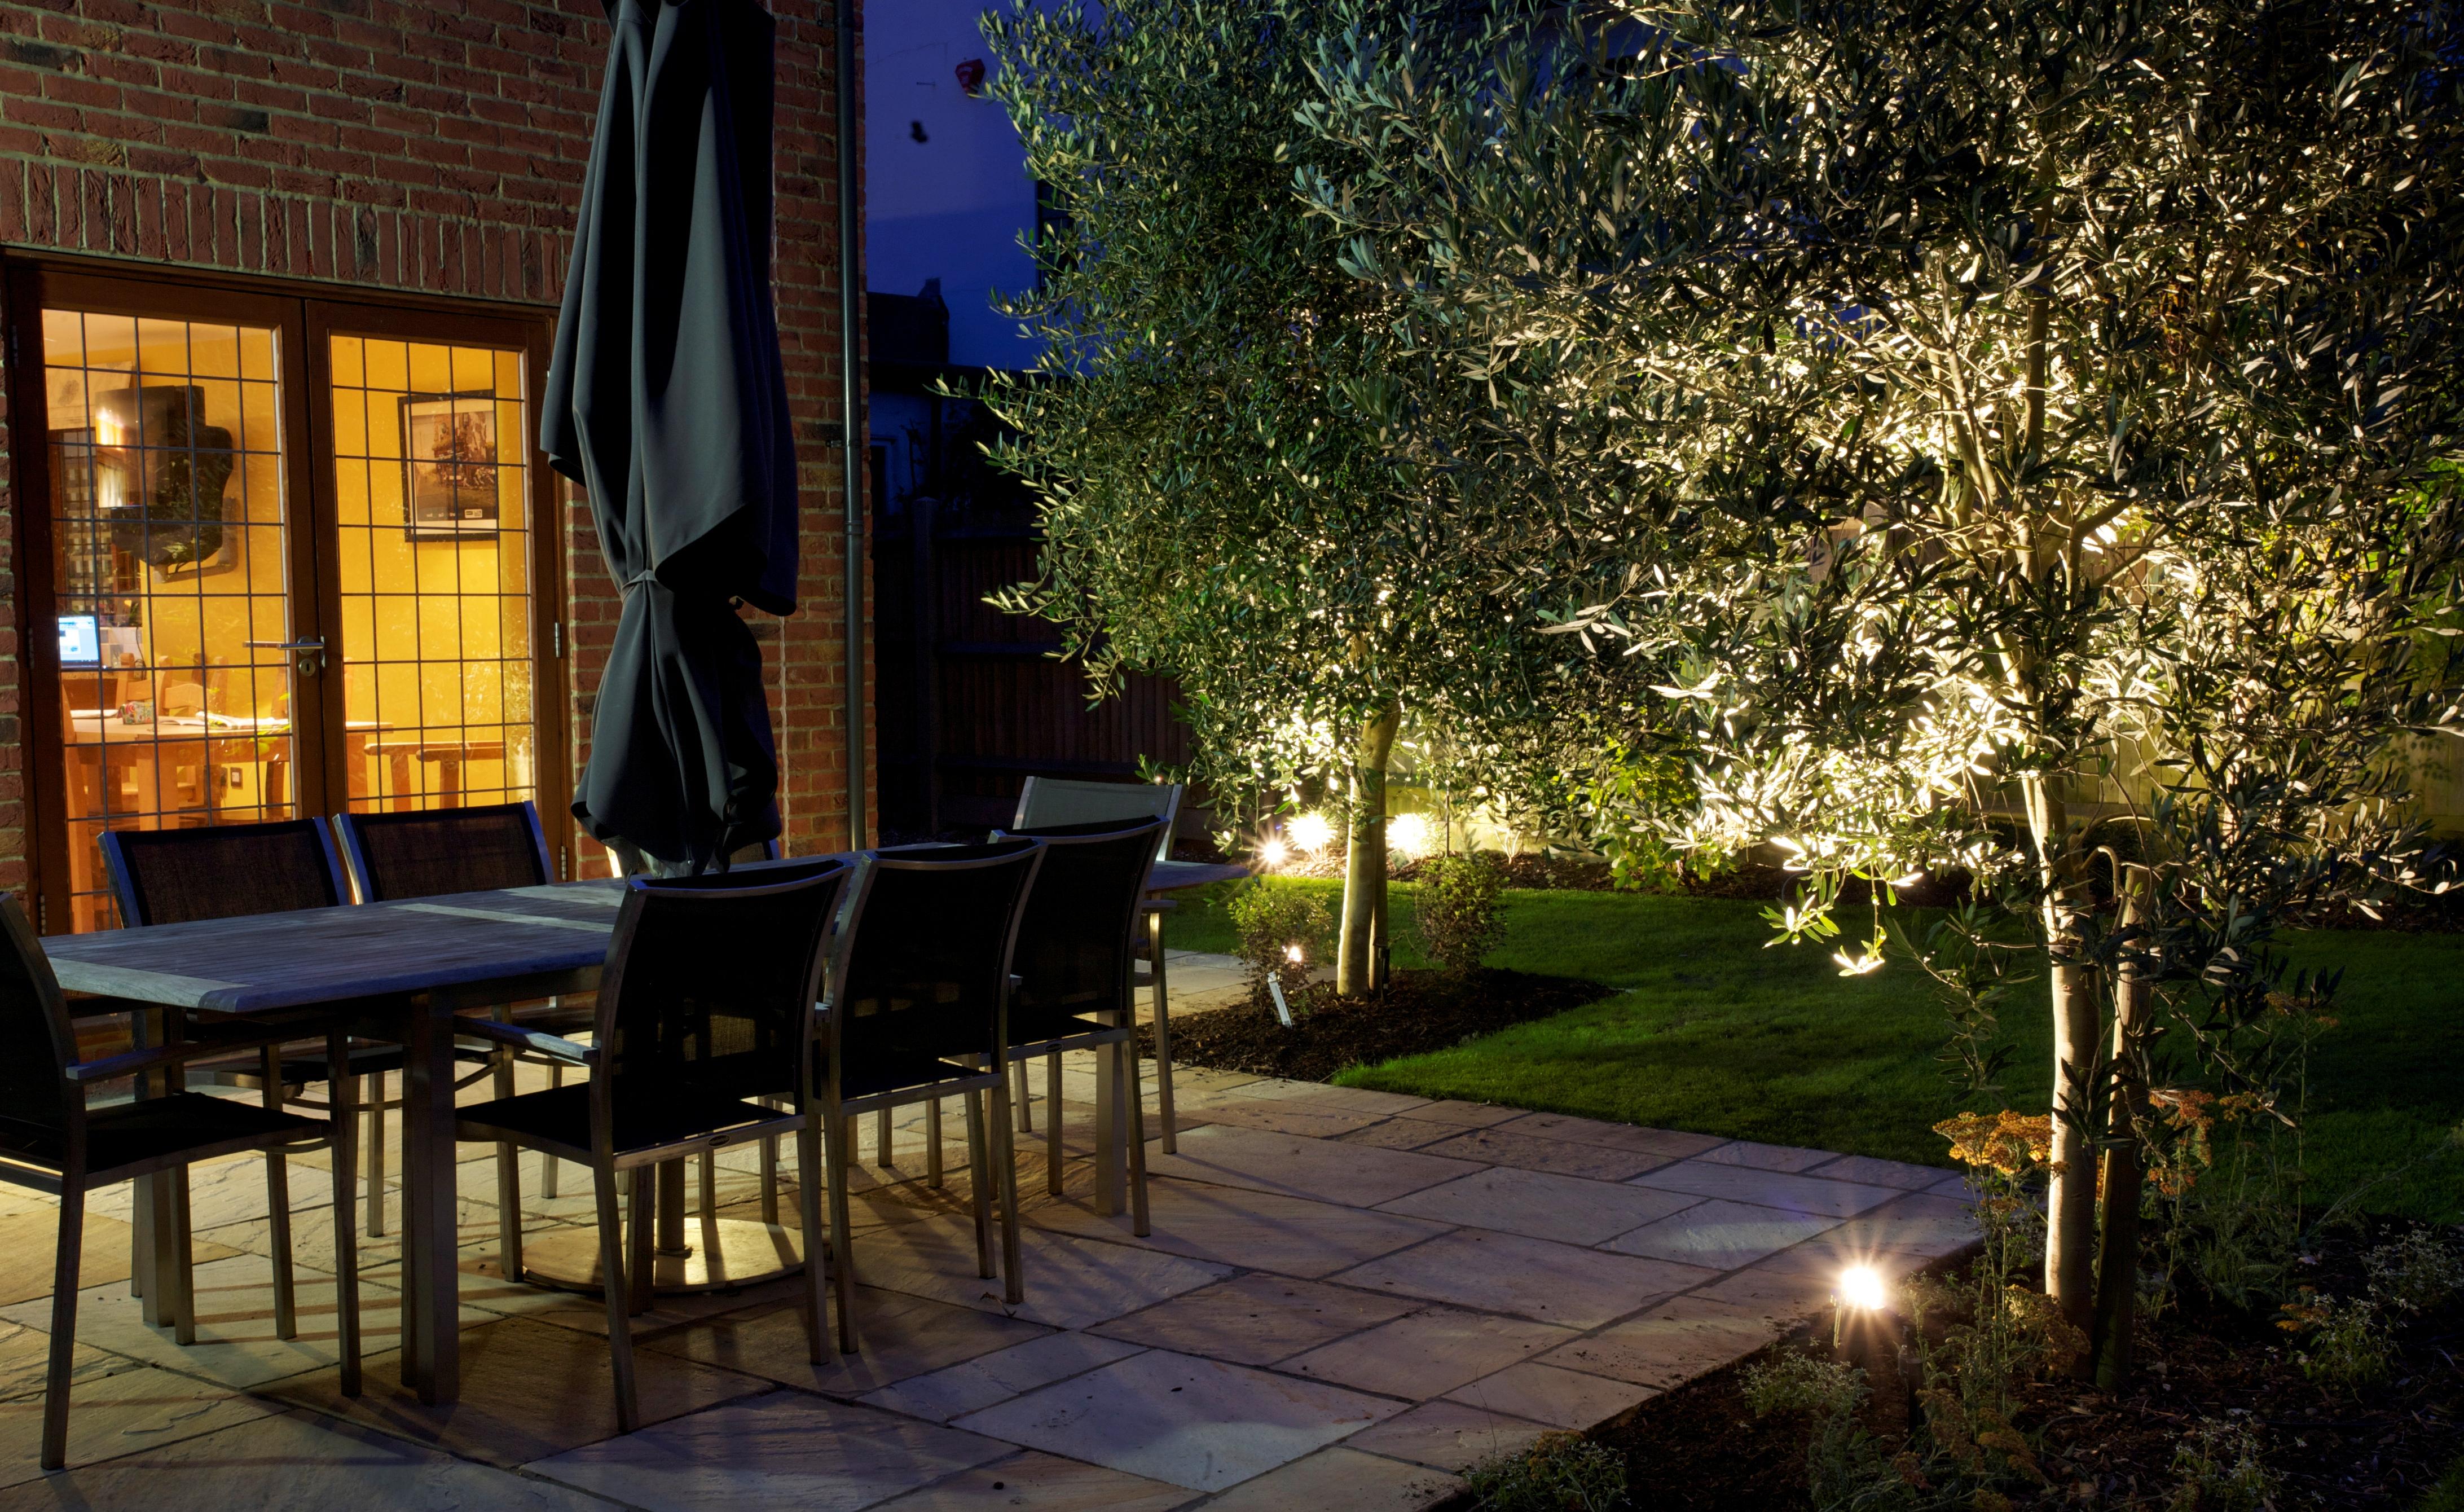 садовое освещение на солнечных батареях2